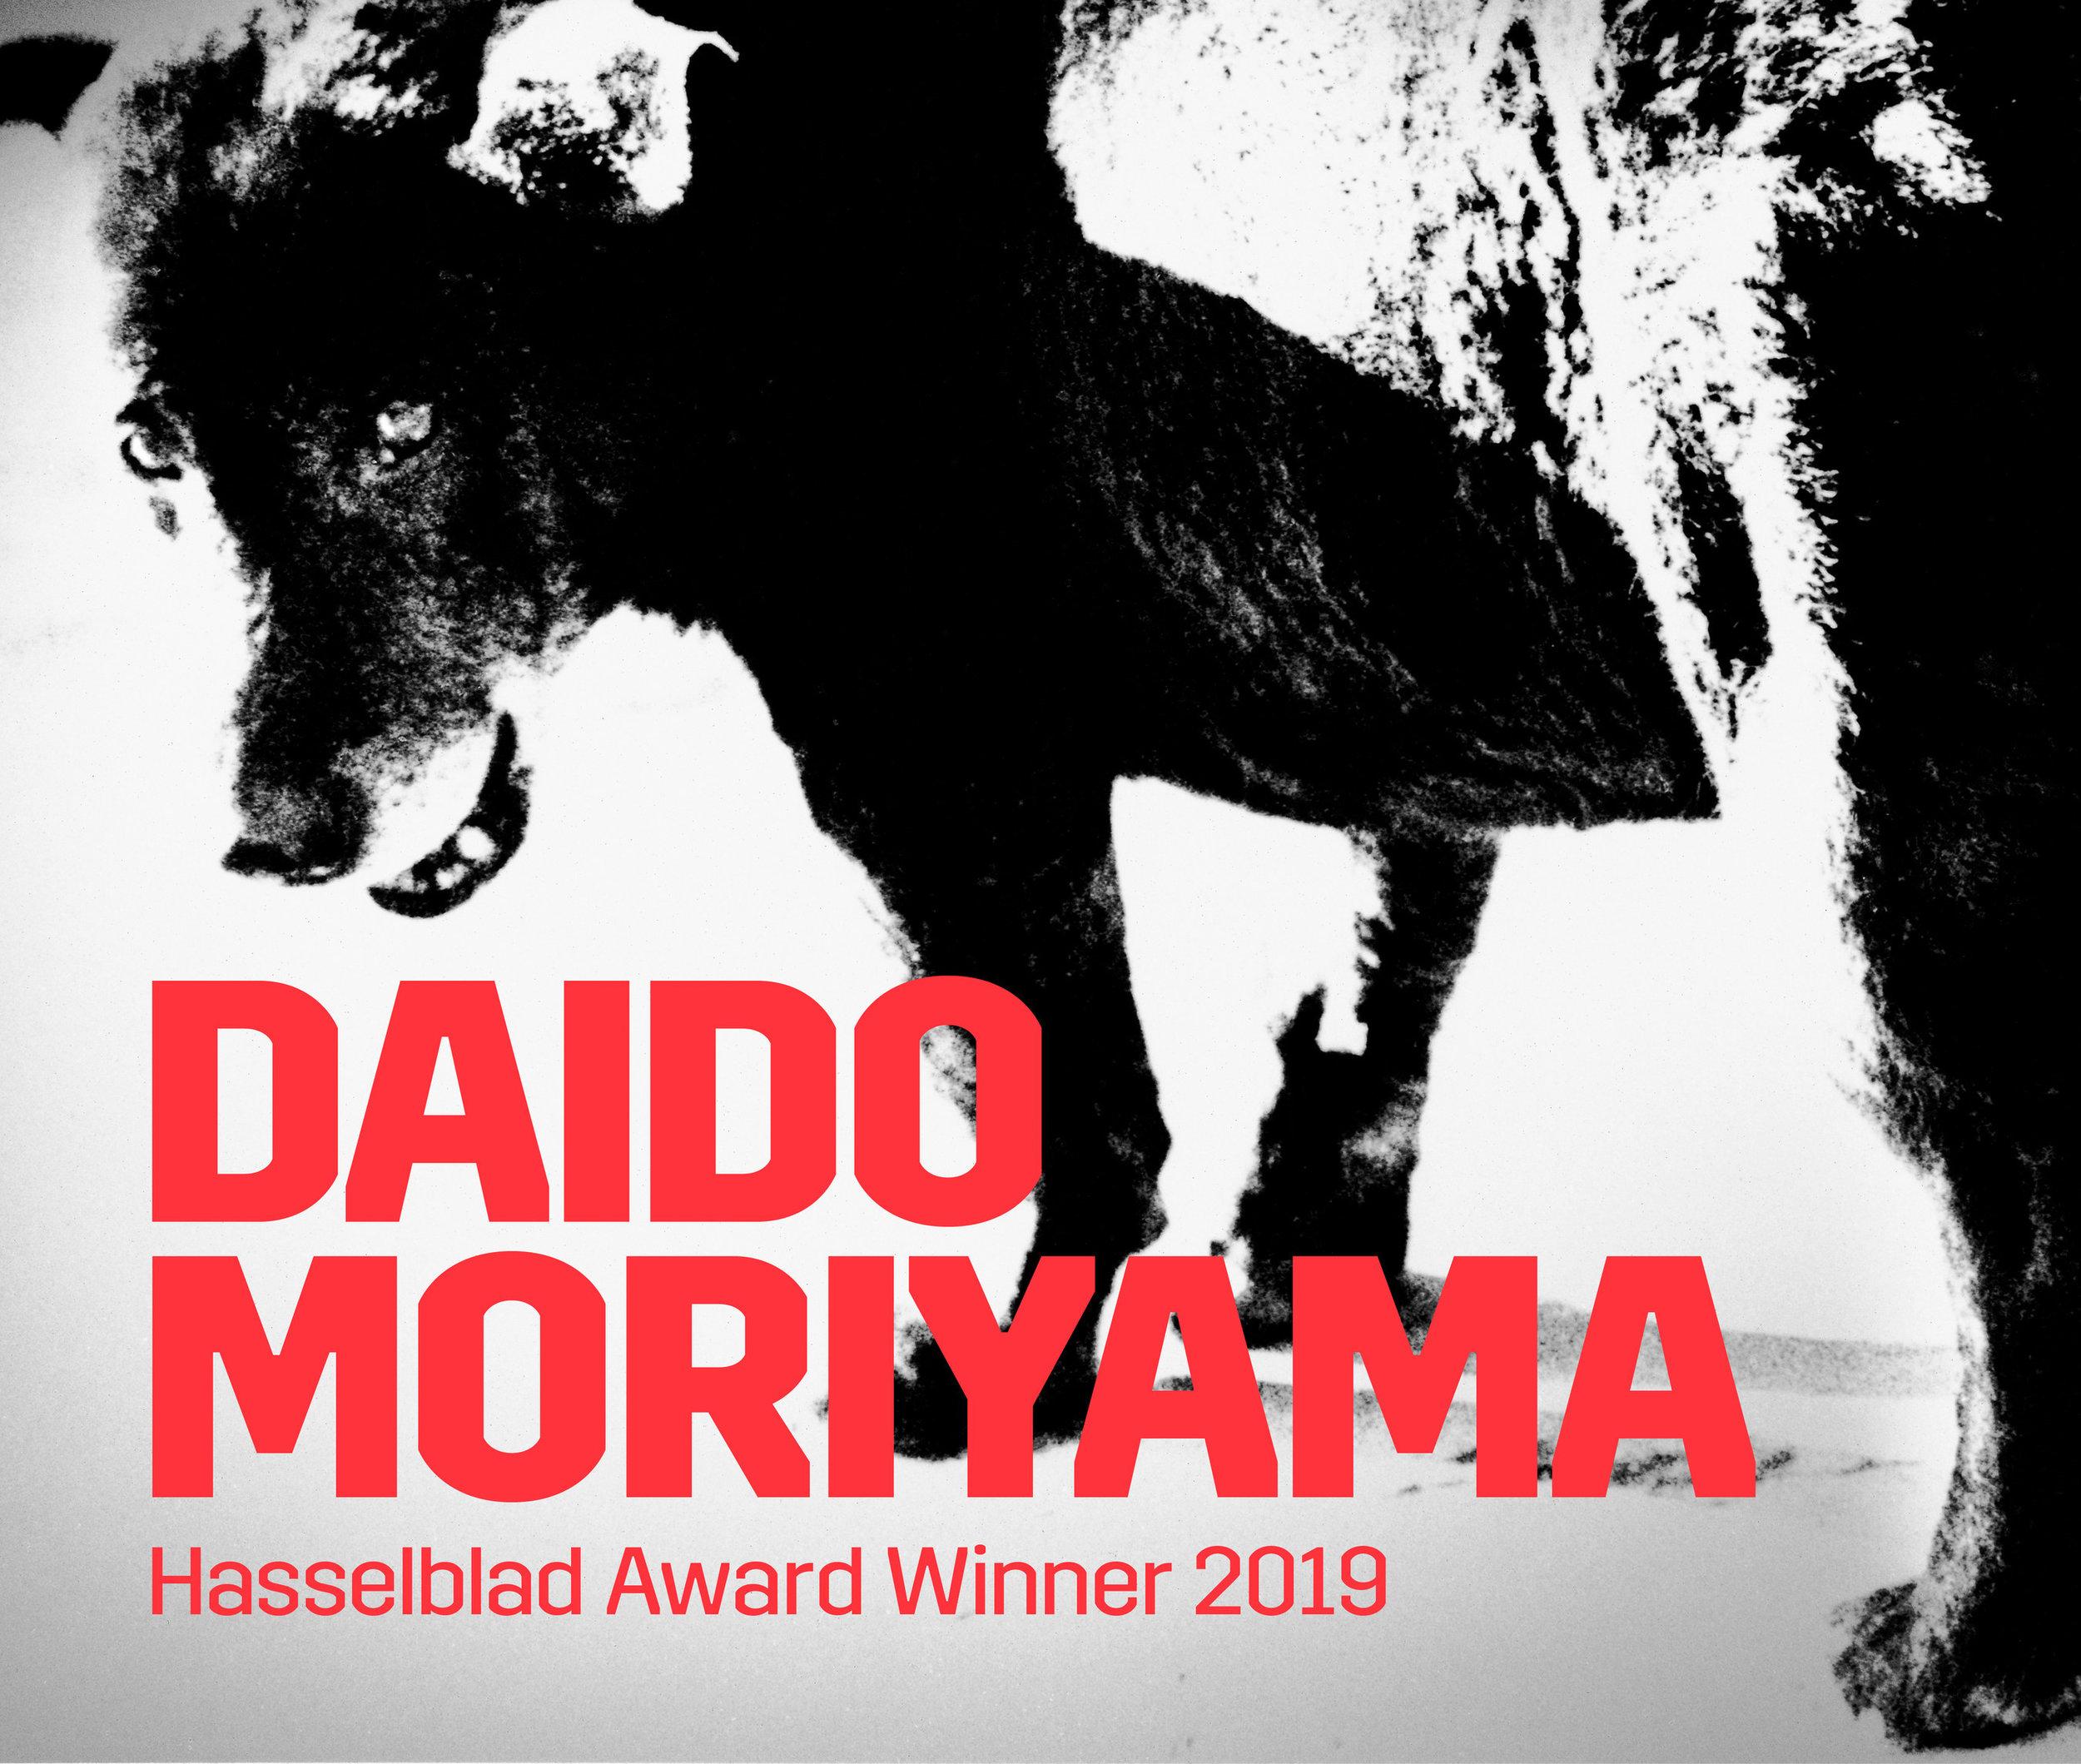 Hasselblad Foundation,  Daido Moriyama: A Diary , Verlag der Buchhandlung Walther König, 2019   Editing